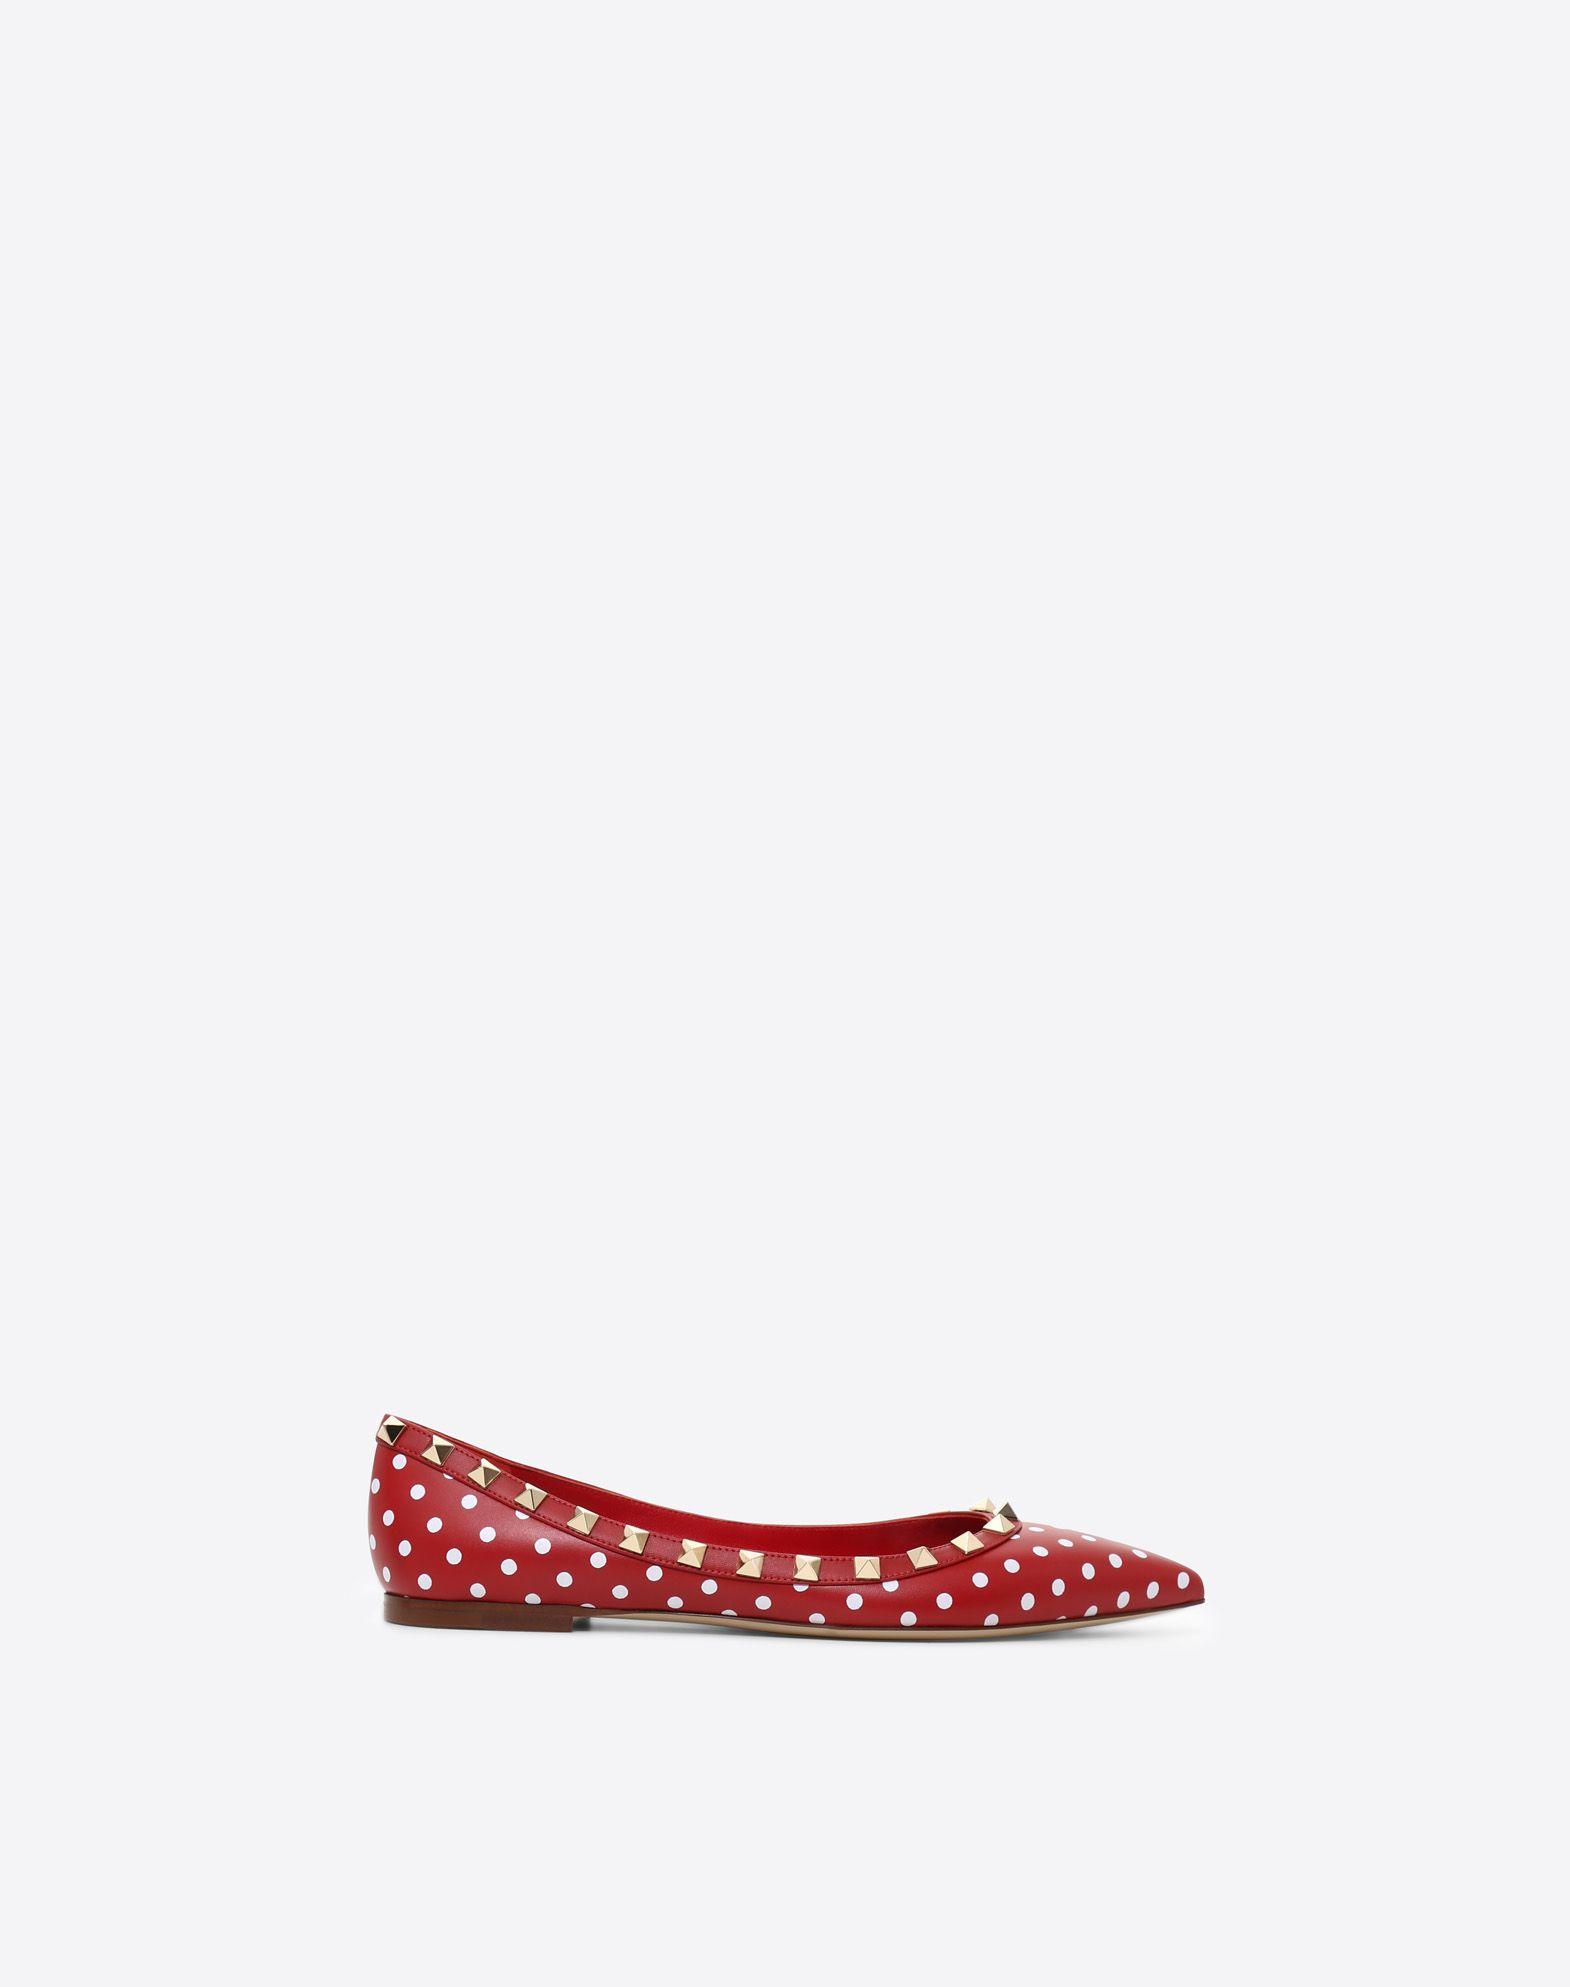 VALENTINO GARAVANI QW1S0403VVG0JU 芭蕾鞋 D f